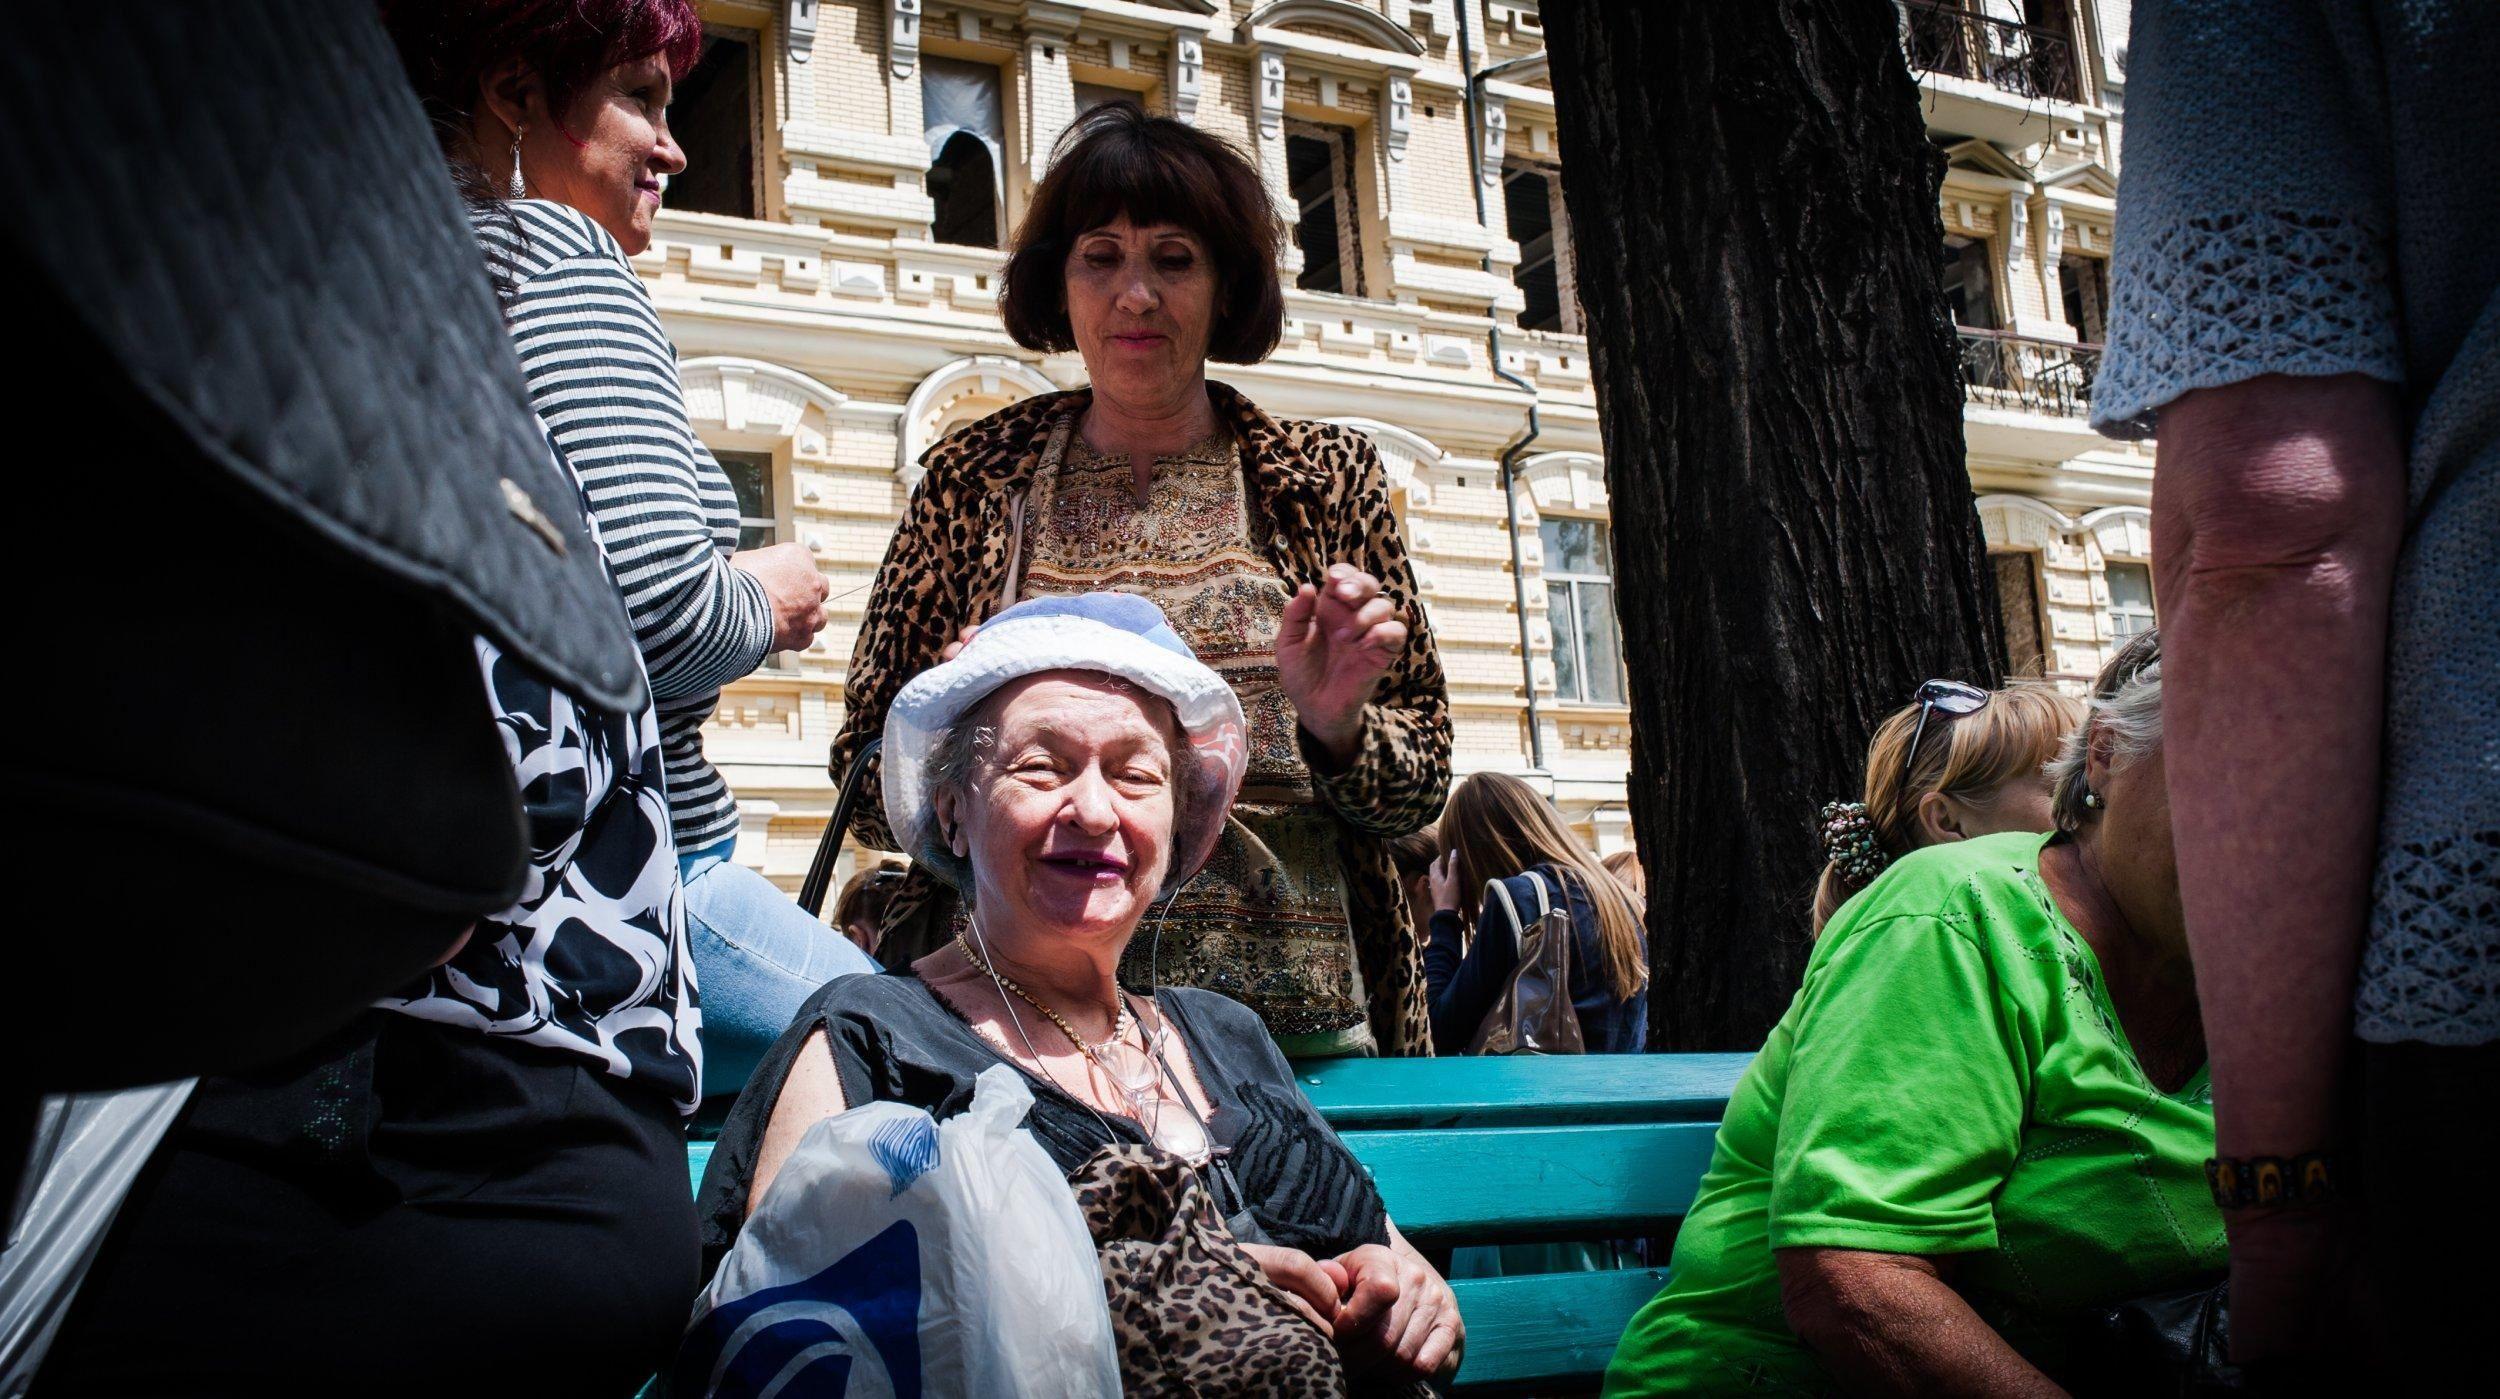 Пенсионеров в Украине начали учить пользоваться смартфонами: полезные приложения - Новости Черкасс - Техно 24